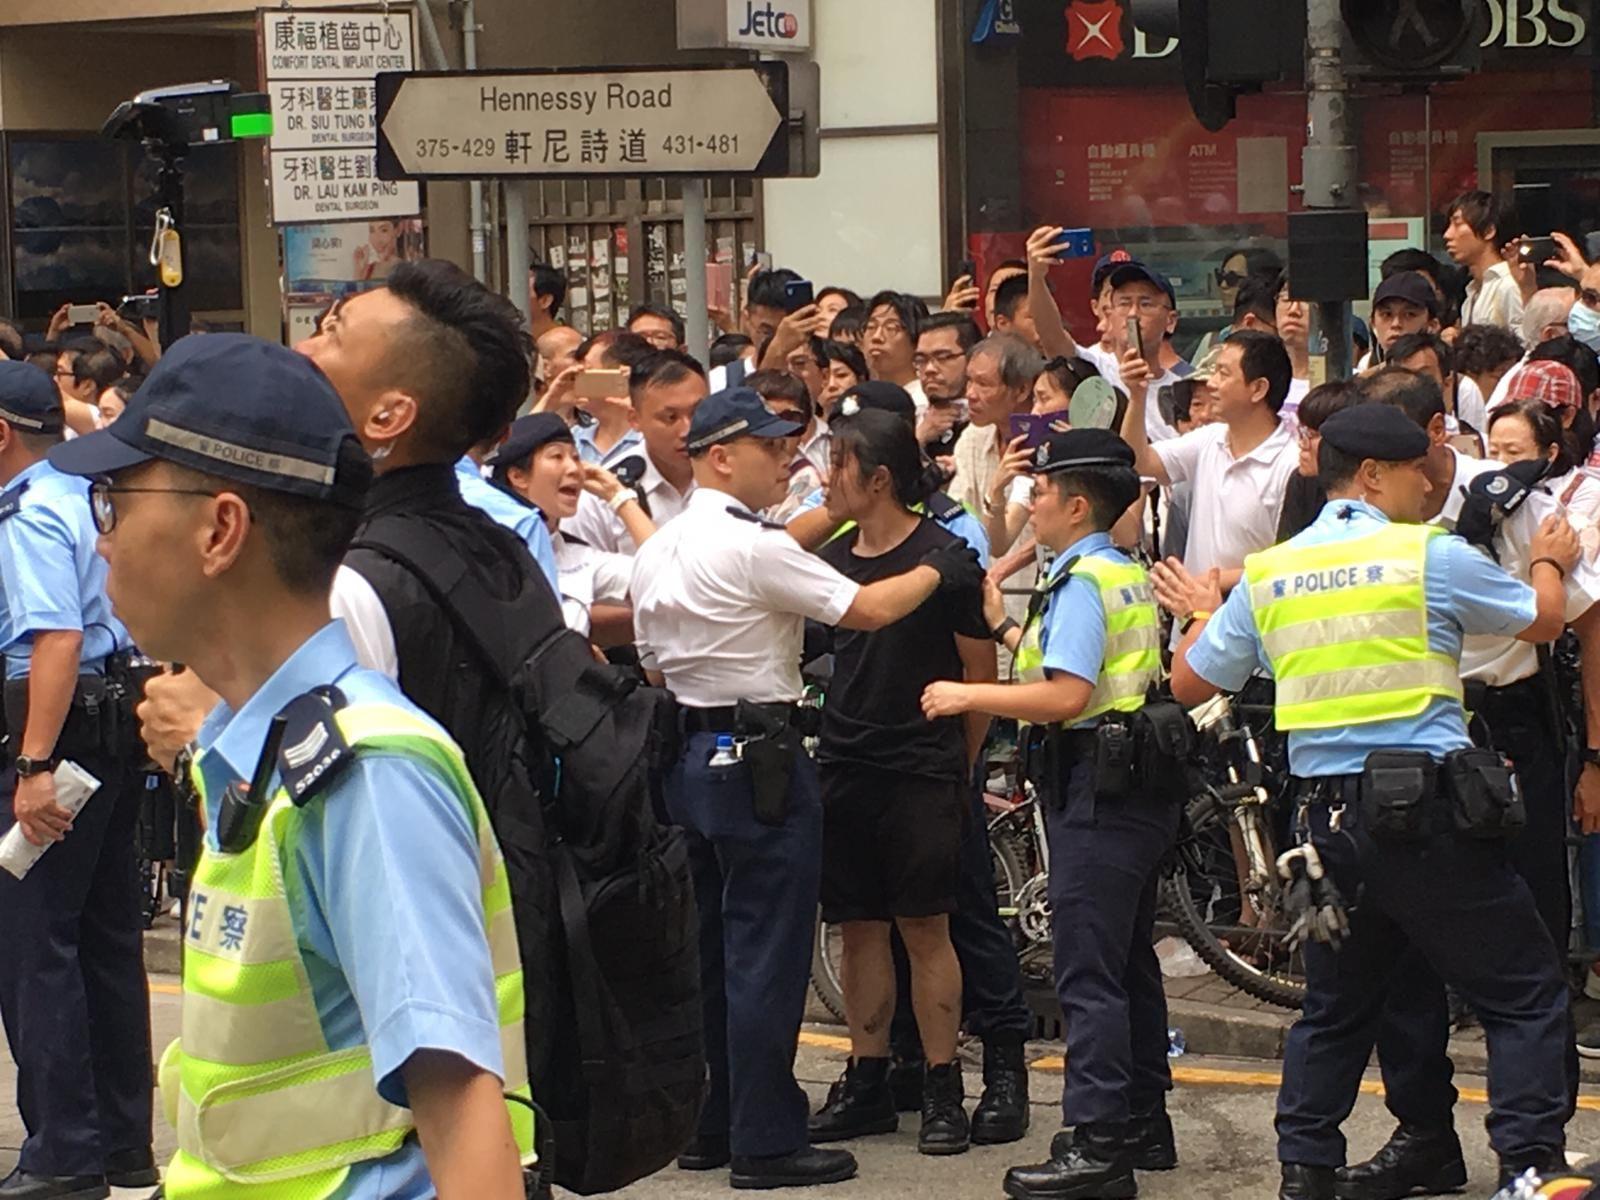 有示威者由於衝出東行線行車路,被警方拘捕。